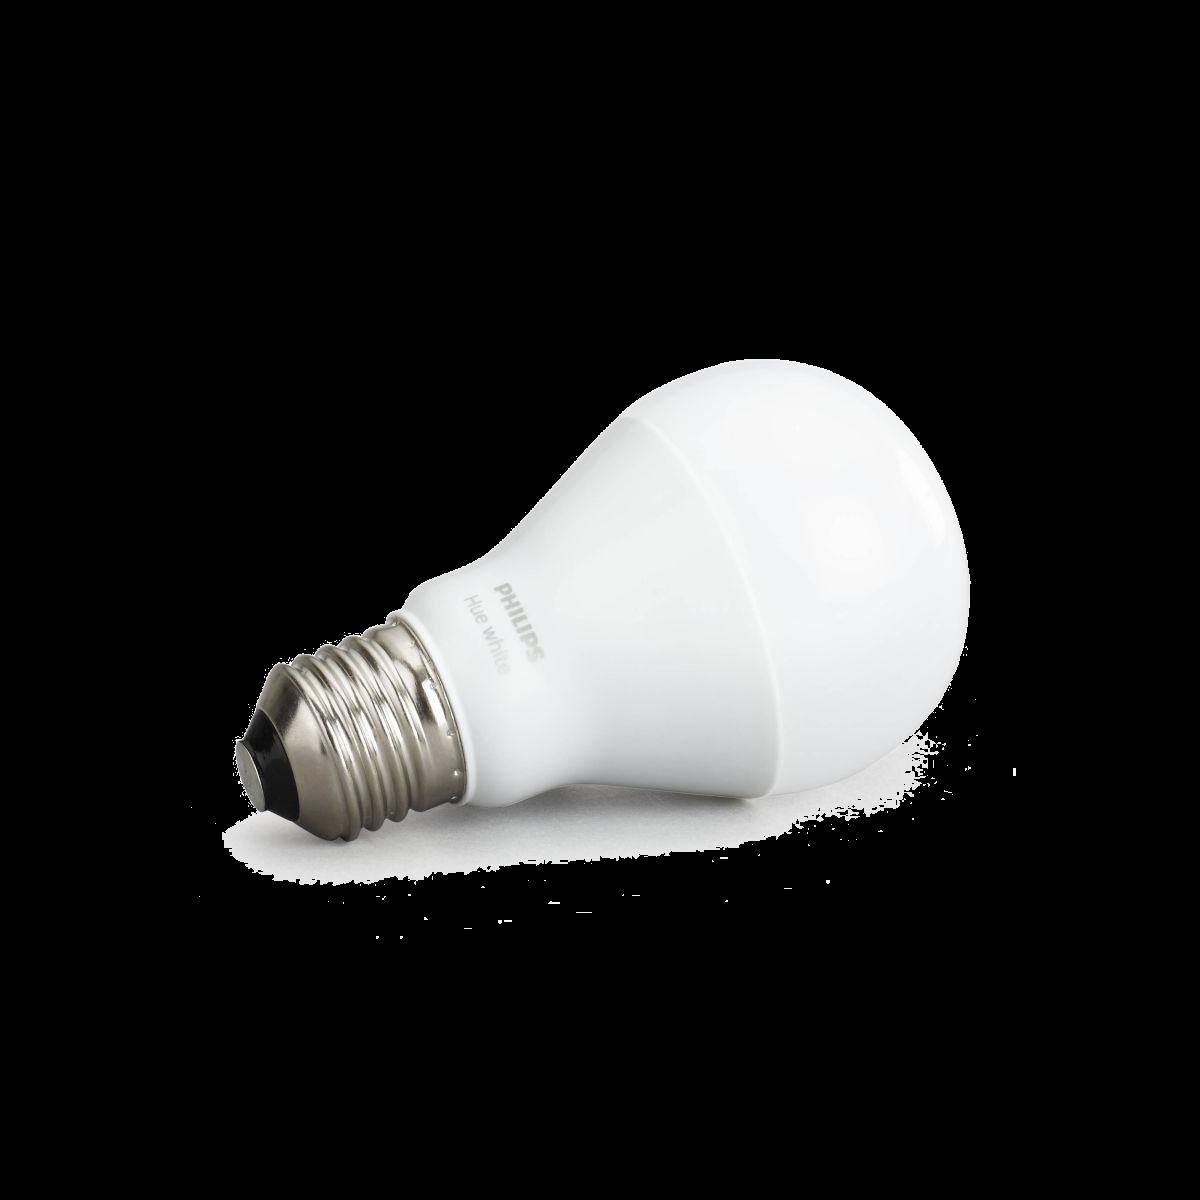 Hue LED Warmweiß E27